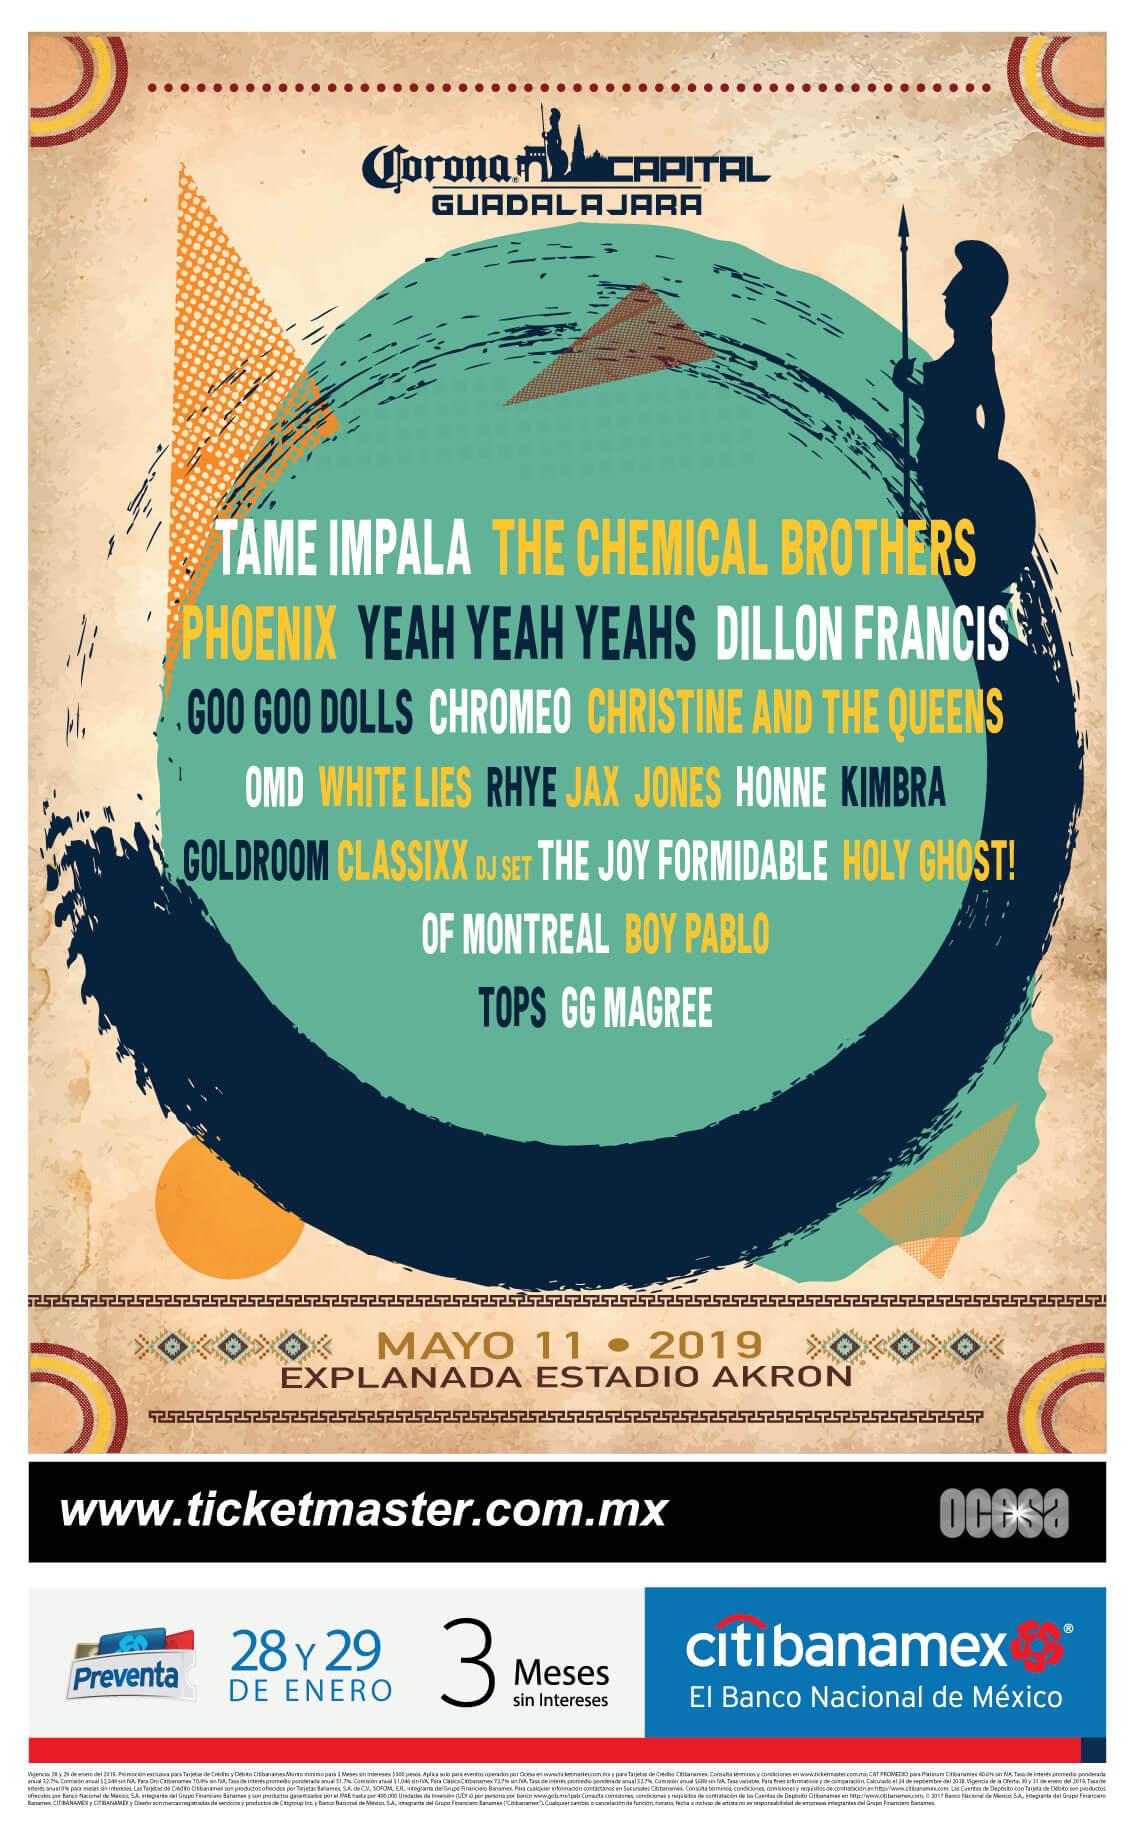 Corona Capital GDL 2019 de los mejores conciertos del año